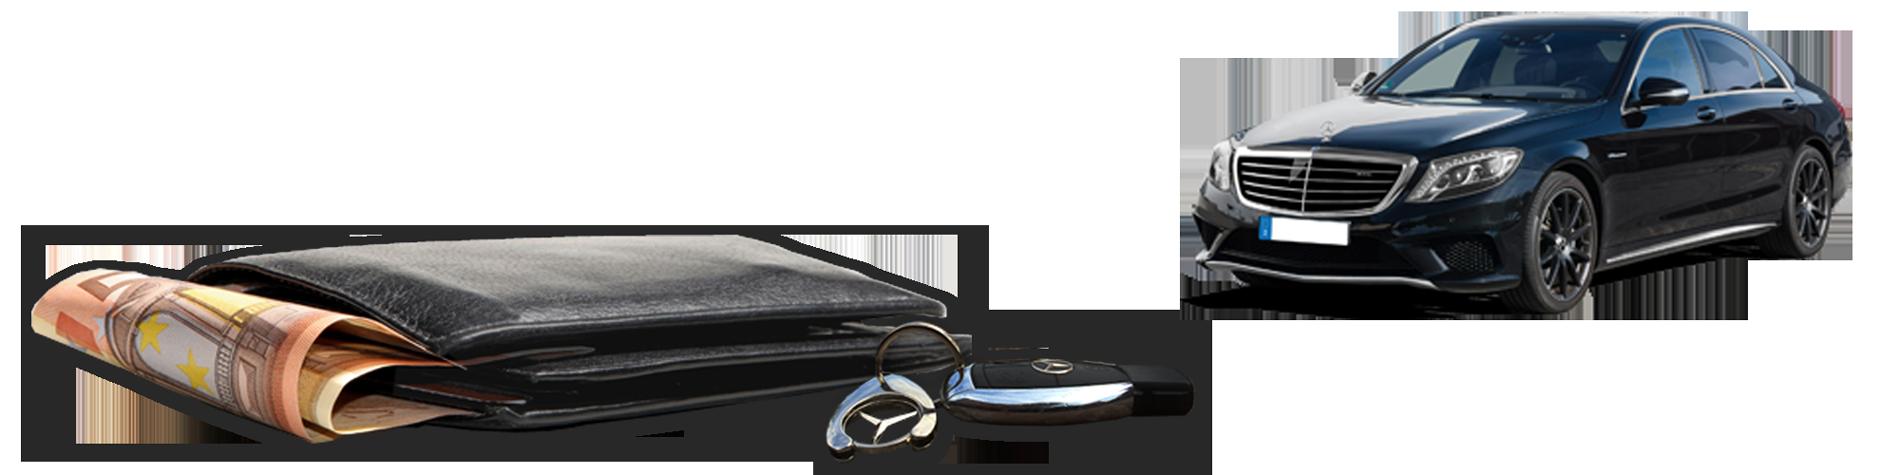 Service Gebrauchtwagen An - und Verkauf - Bild Geldbeutel, Schlüssel und Auto